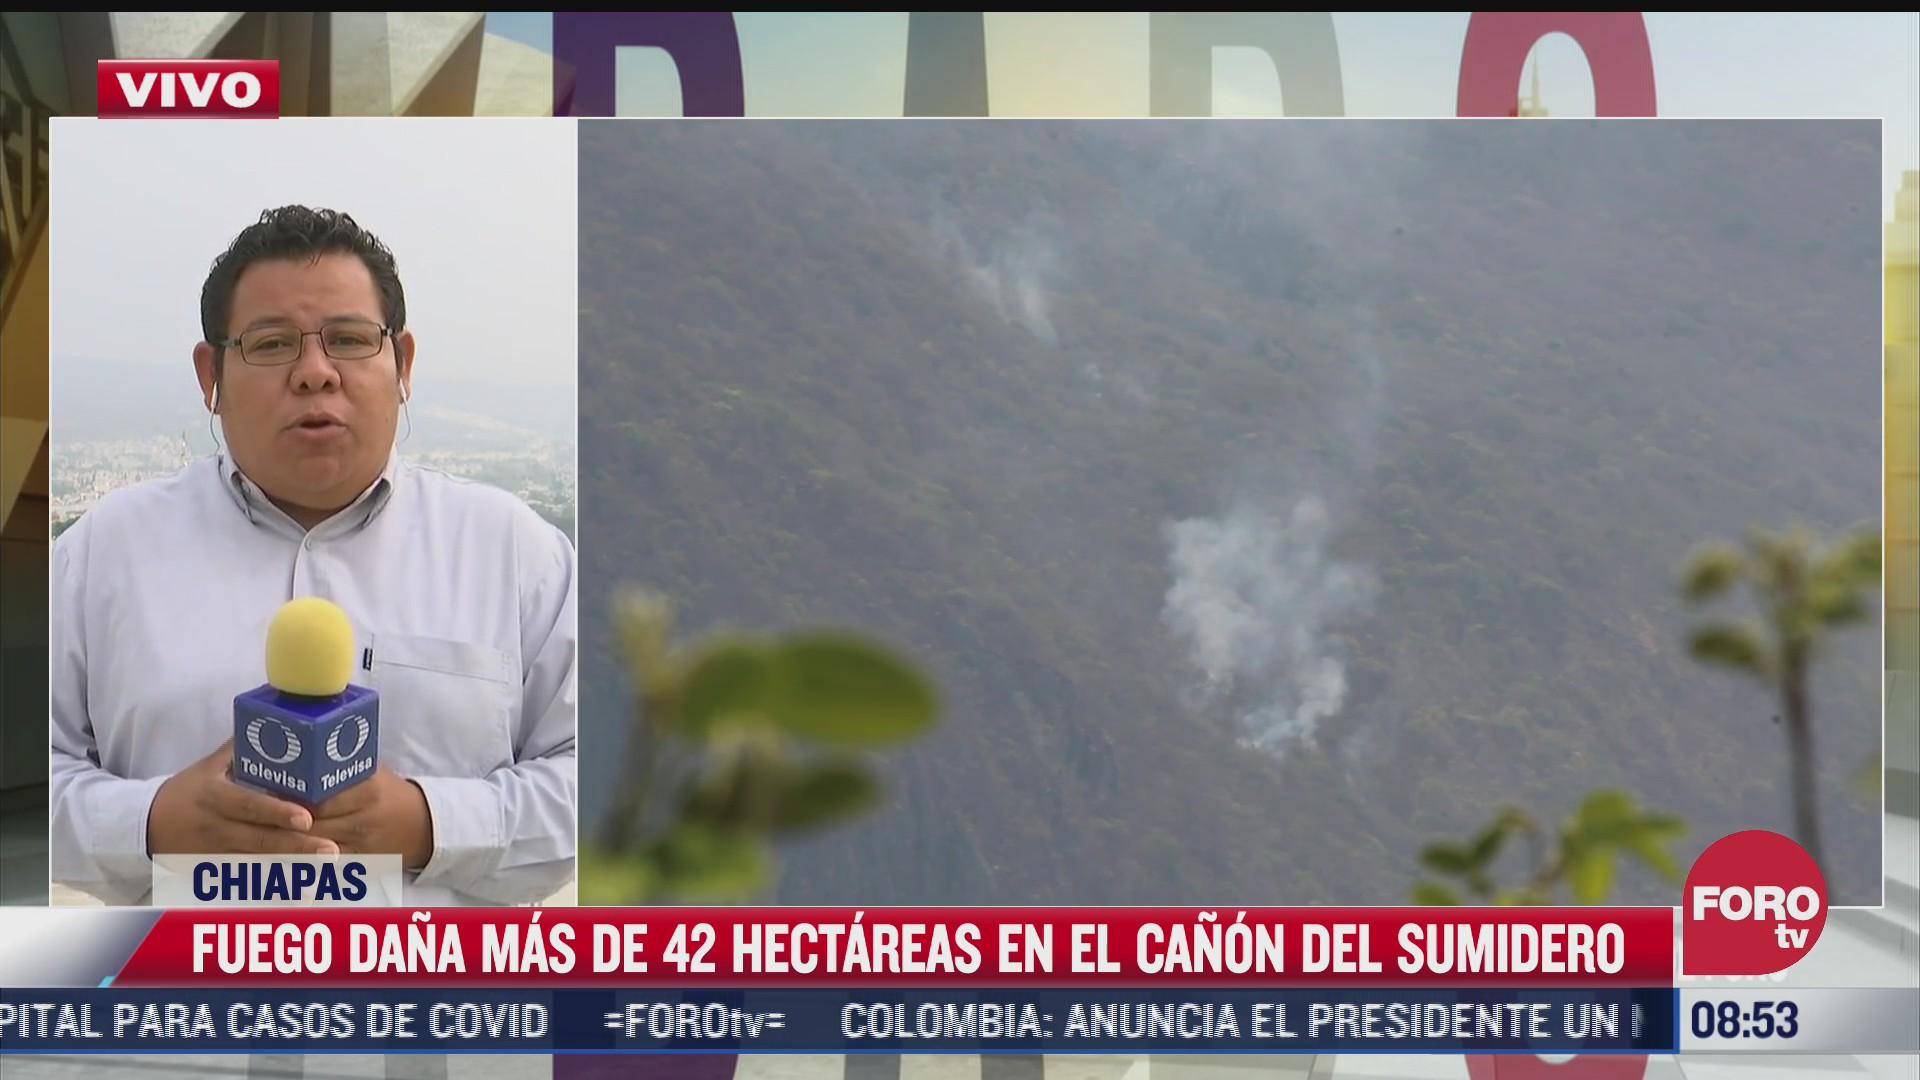 nuevo incendio forestal en canon del sumidero provoca danos en 42 hectareas